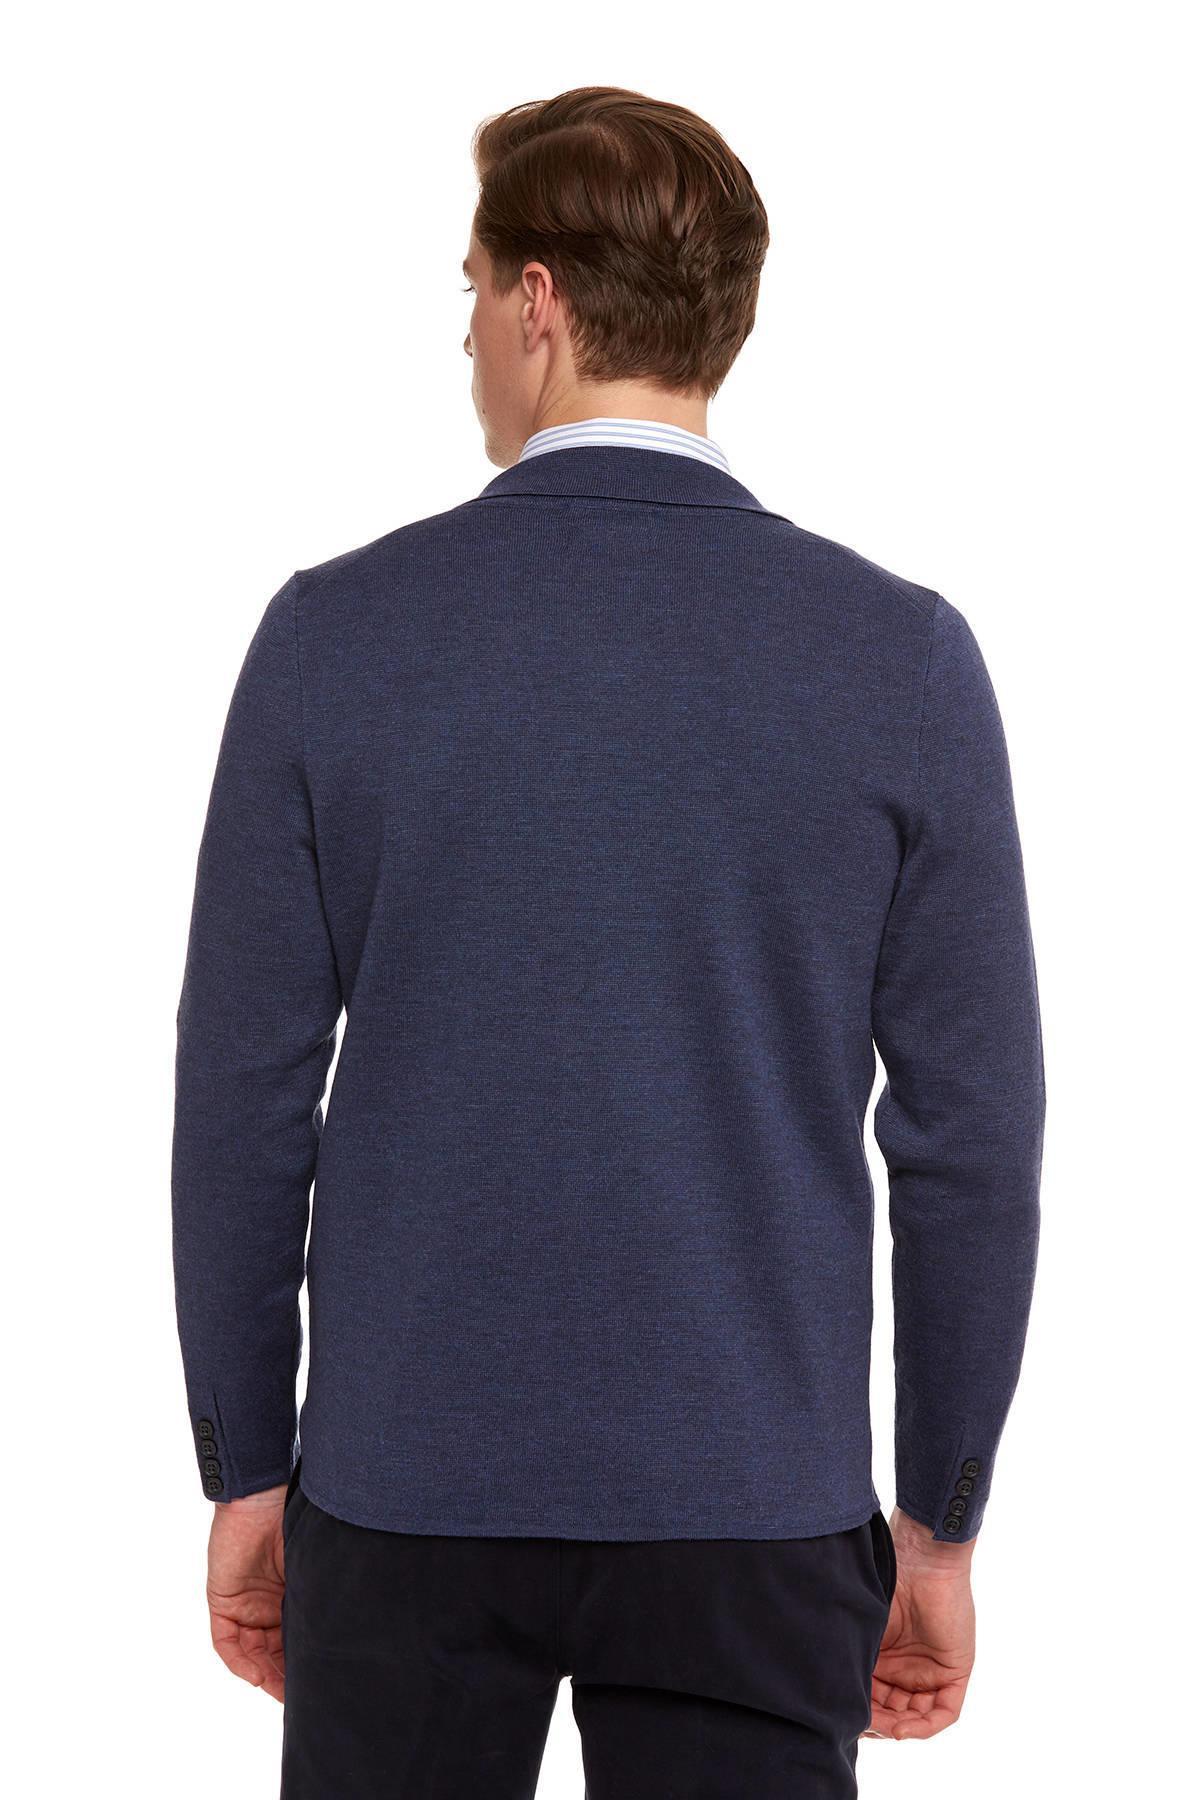 Extrafine Merino Mavi Triko Ceket